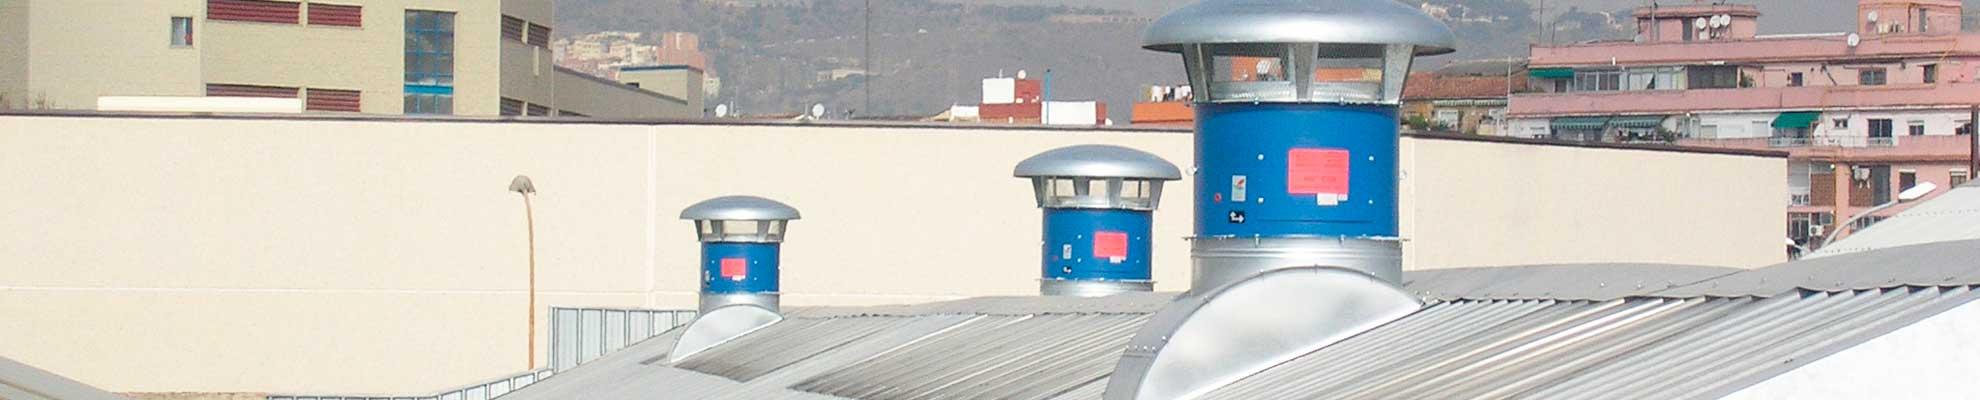 Aireadores mecánicos para la extracción de humos en incendios